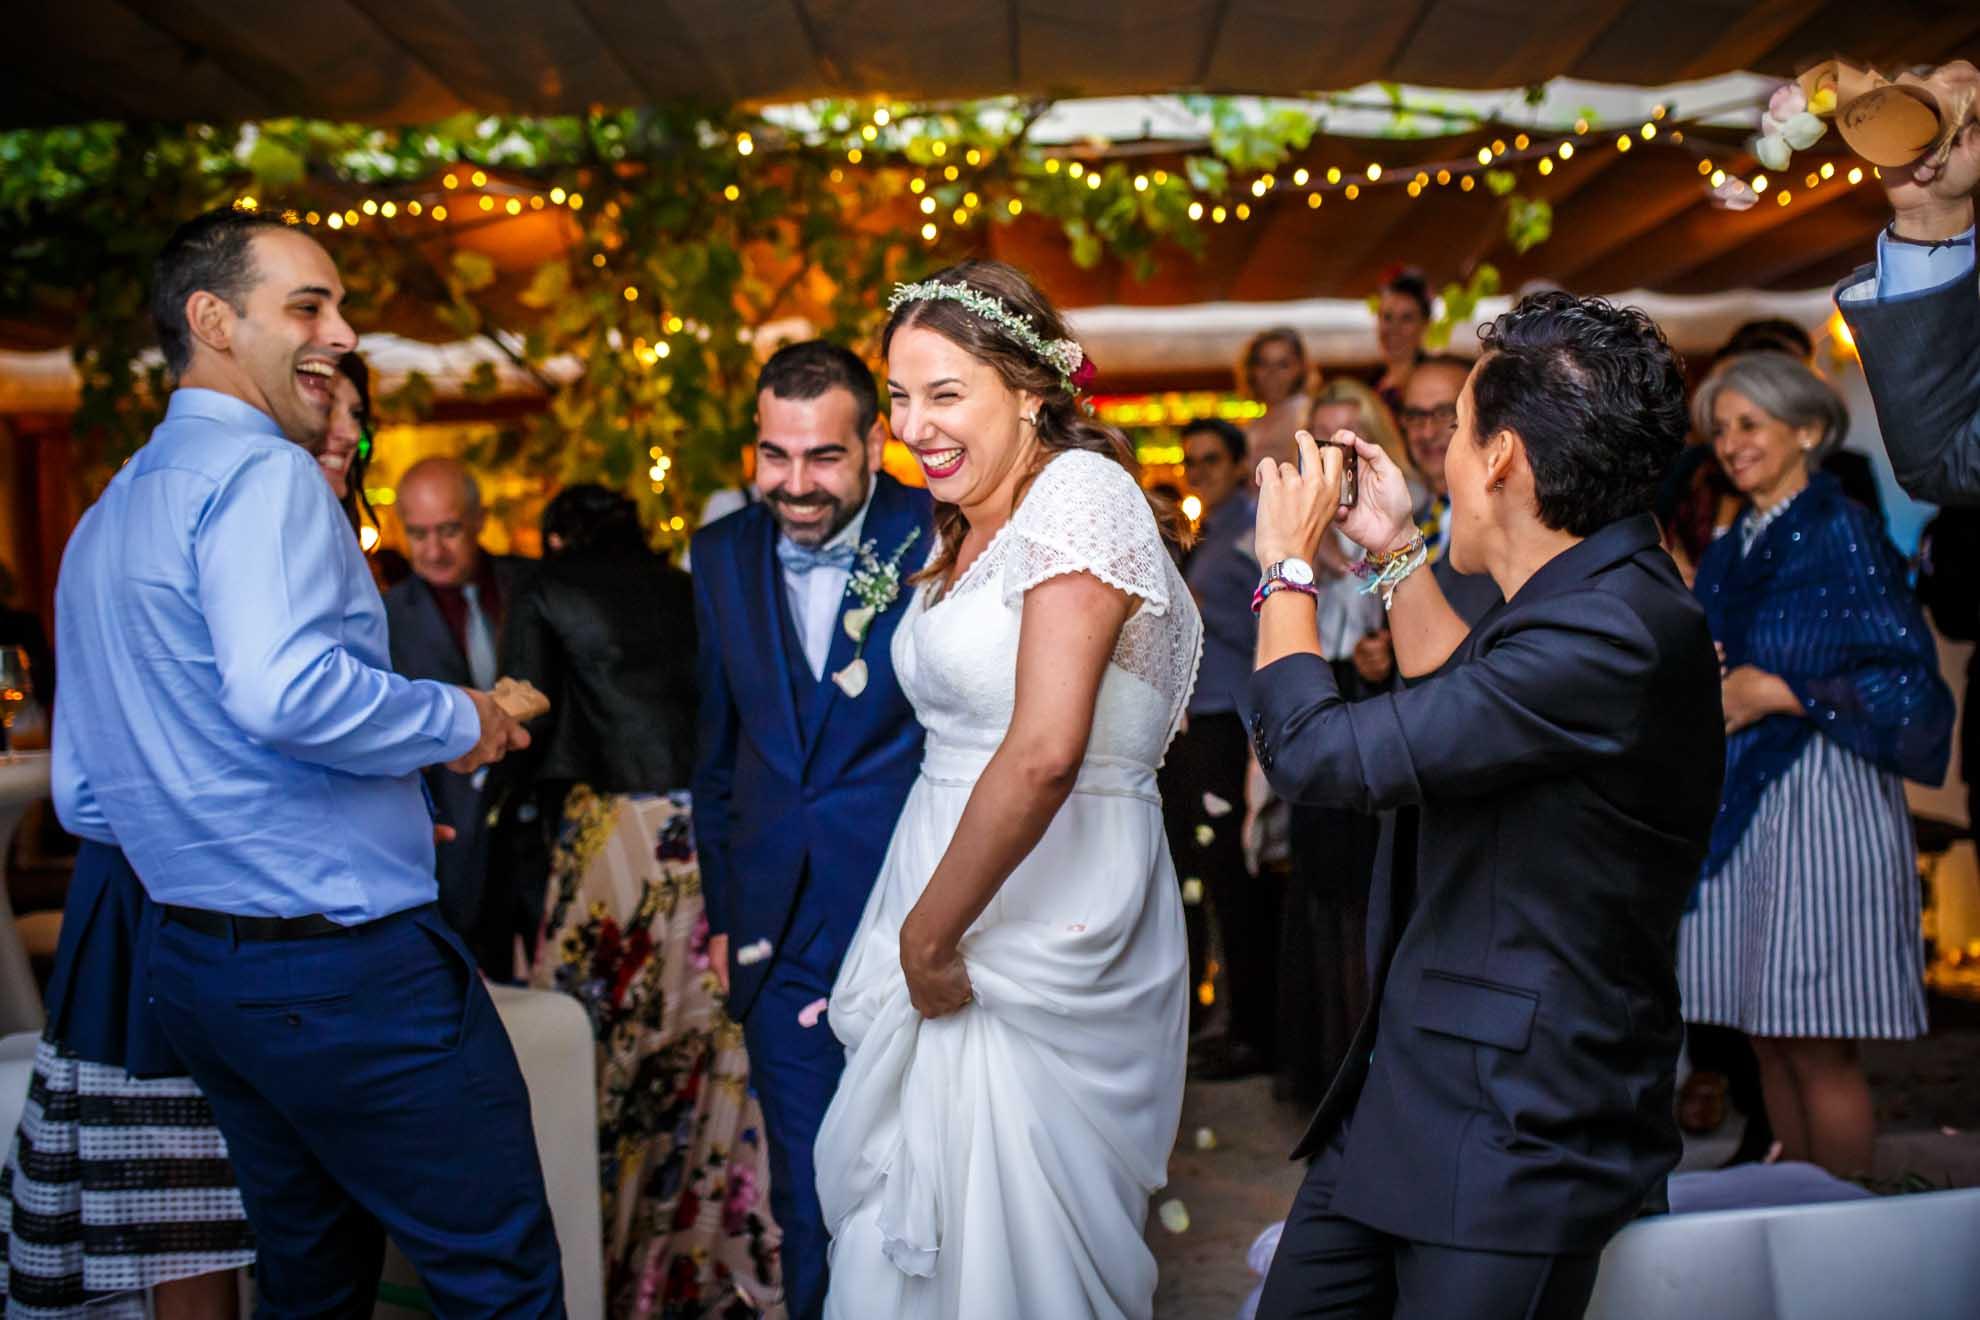 novios recien casados salen de la ceremonia